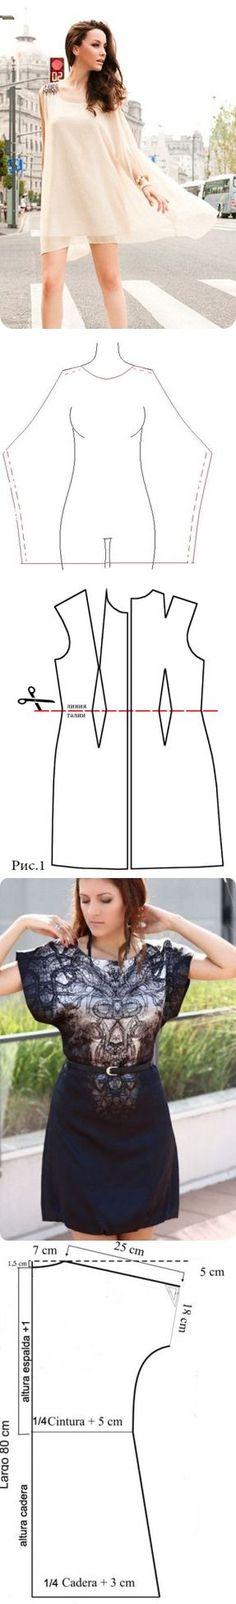 Модные фасоны платьев в этом сезоне. Выкройки модных платьев   Женская книга